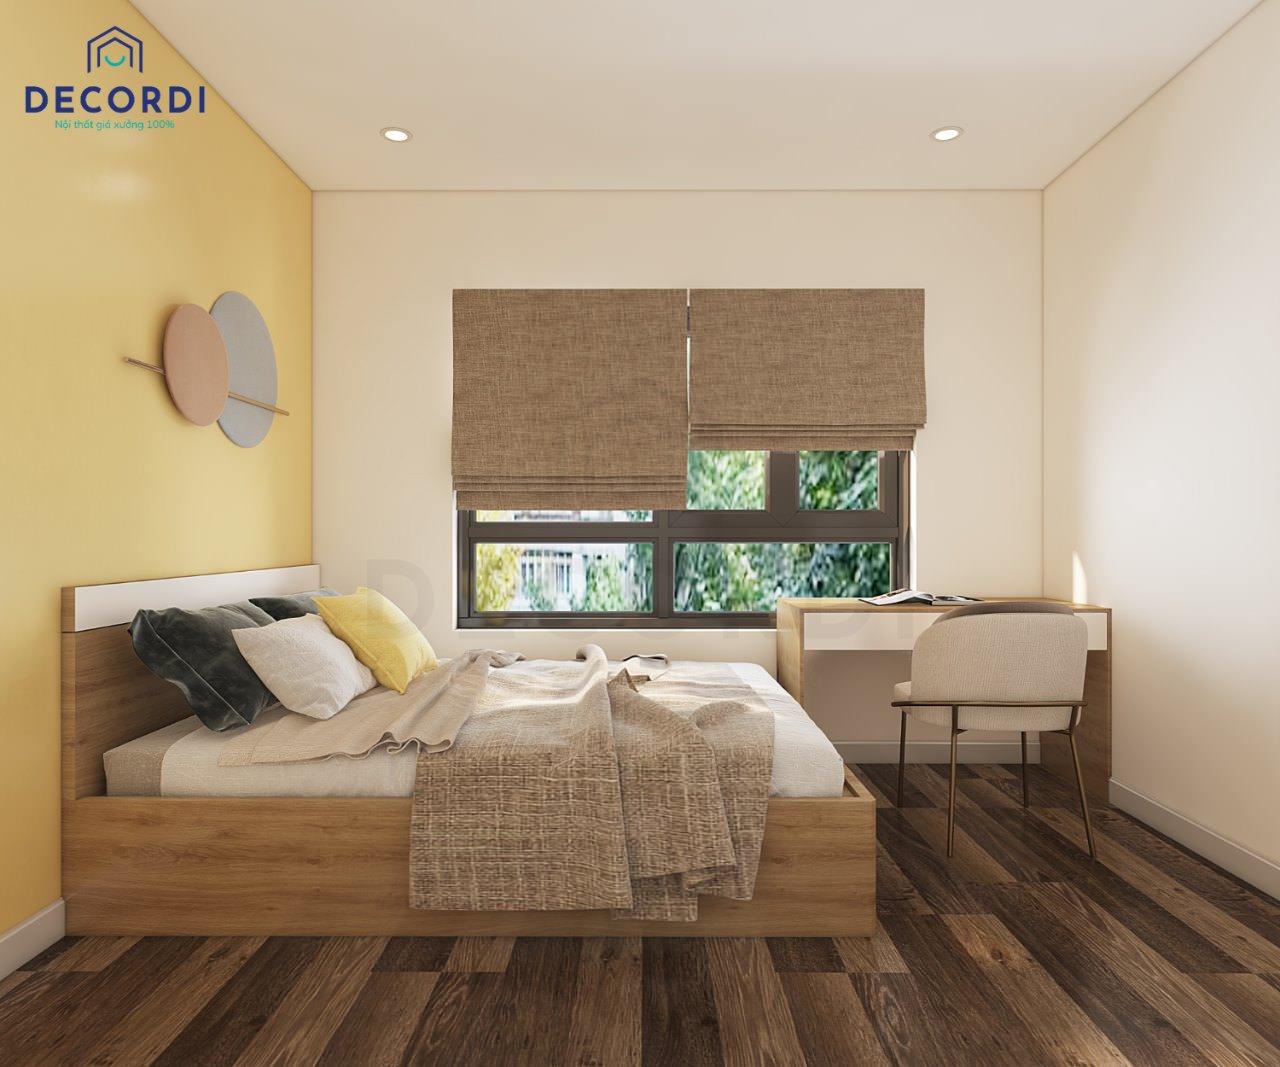 nội thất cho phòng ngủ nhỏ tiện nghi